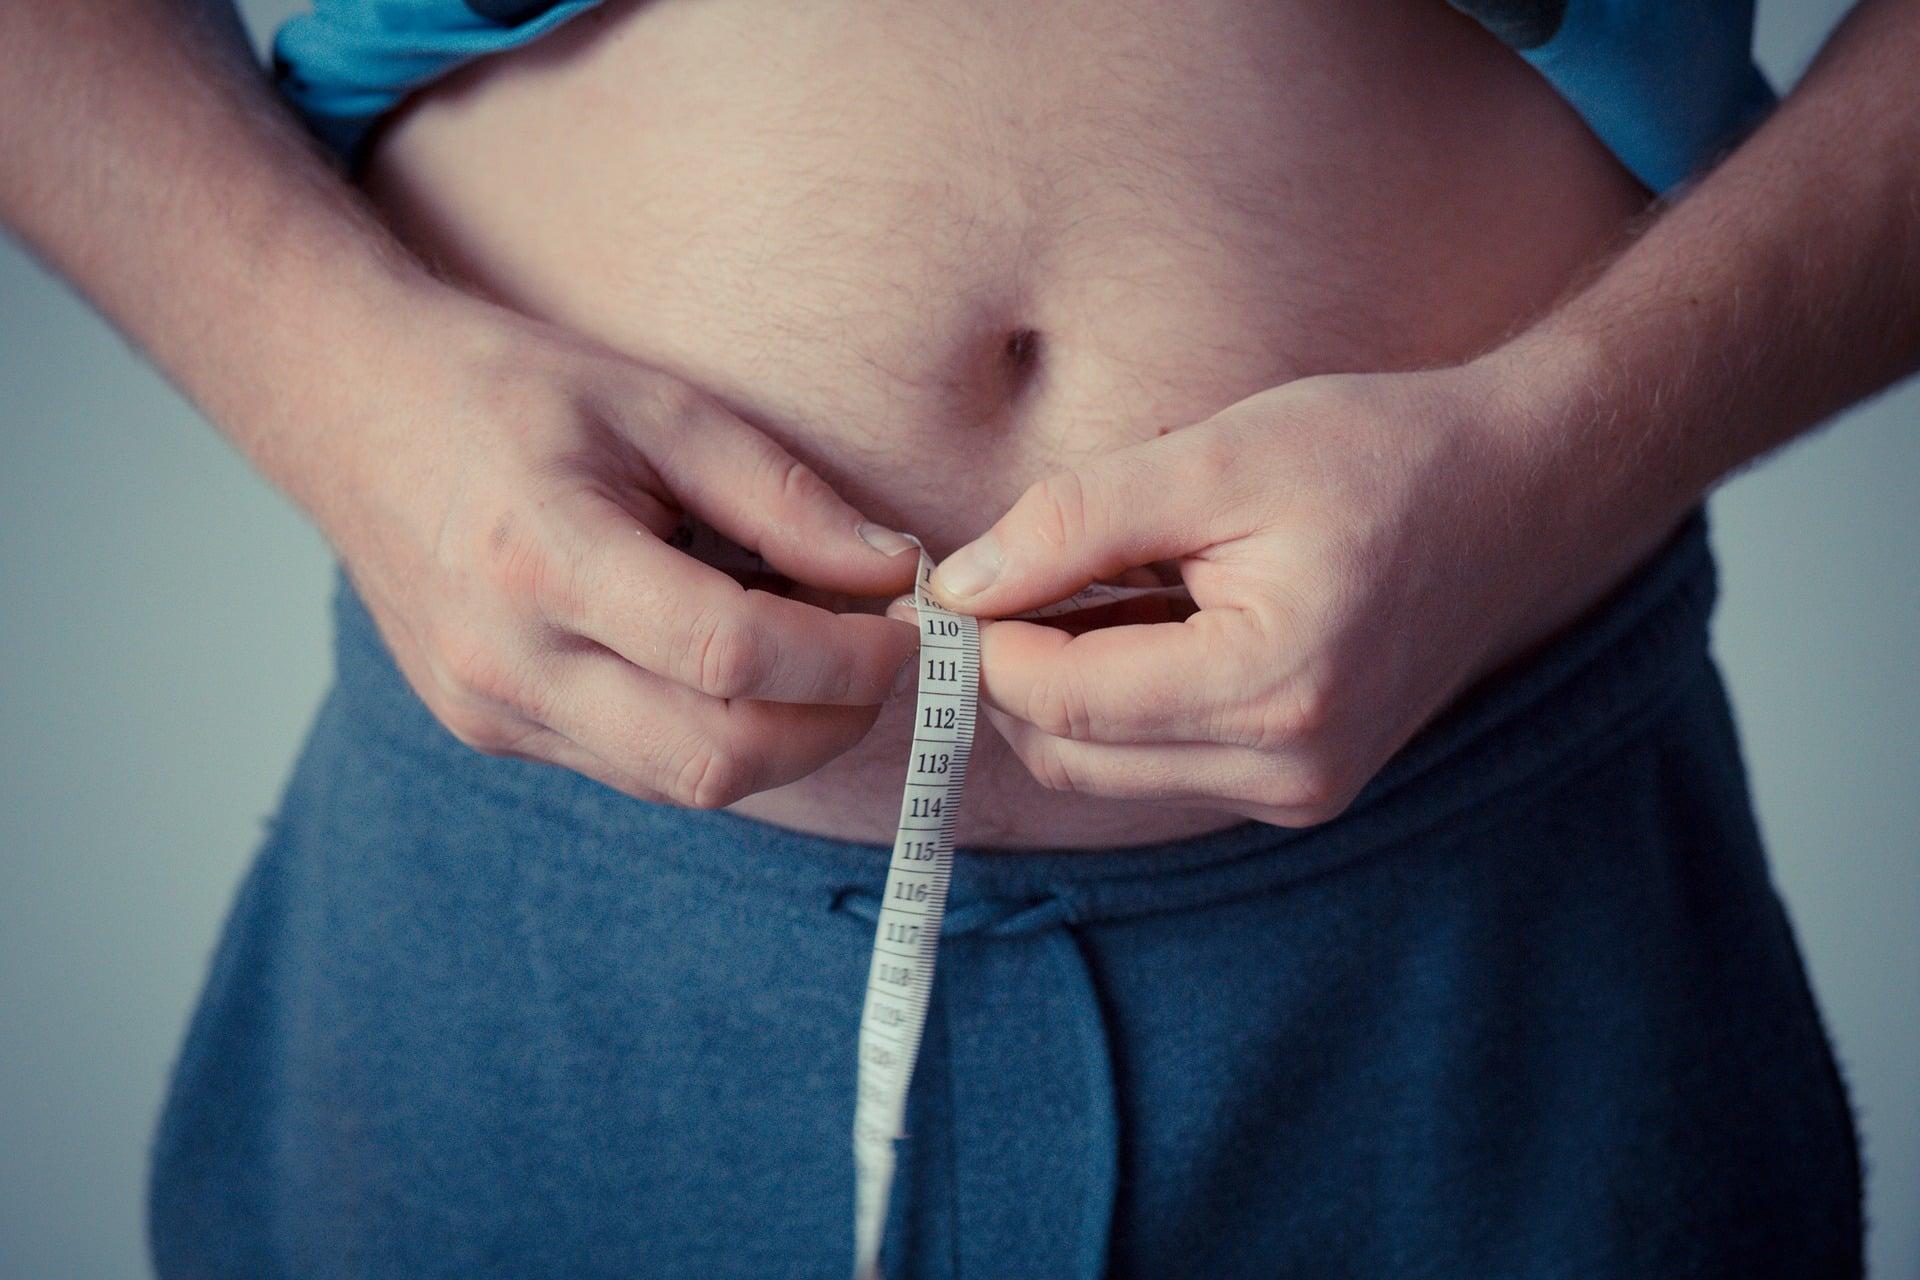 похудение вес картинка